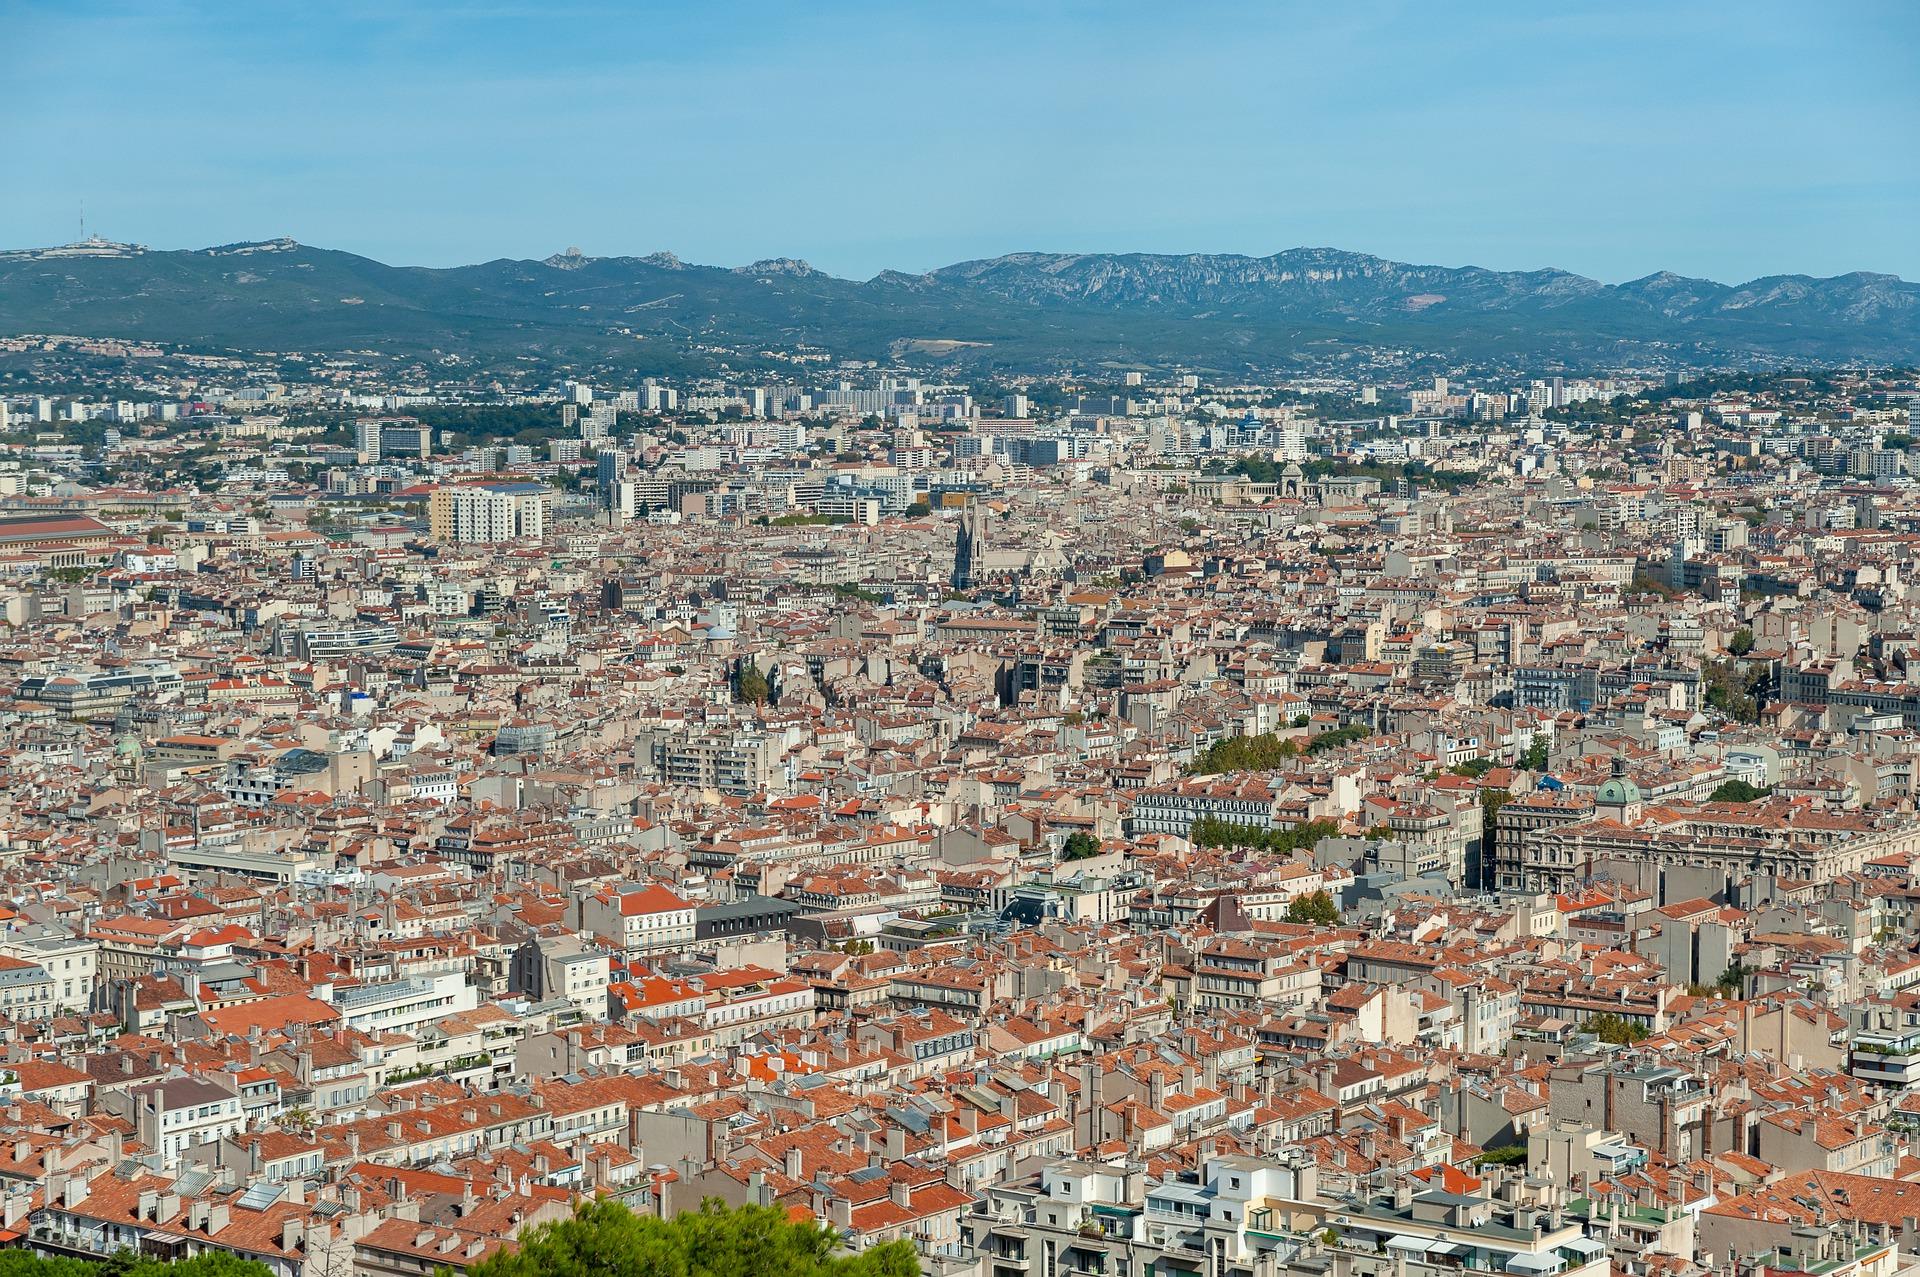 貧困層が多いフランスのエリア